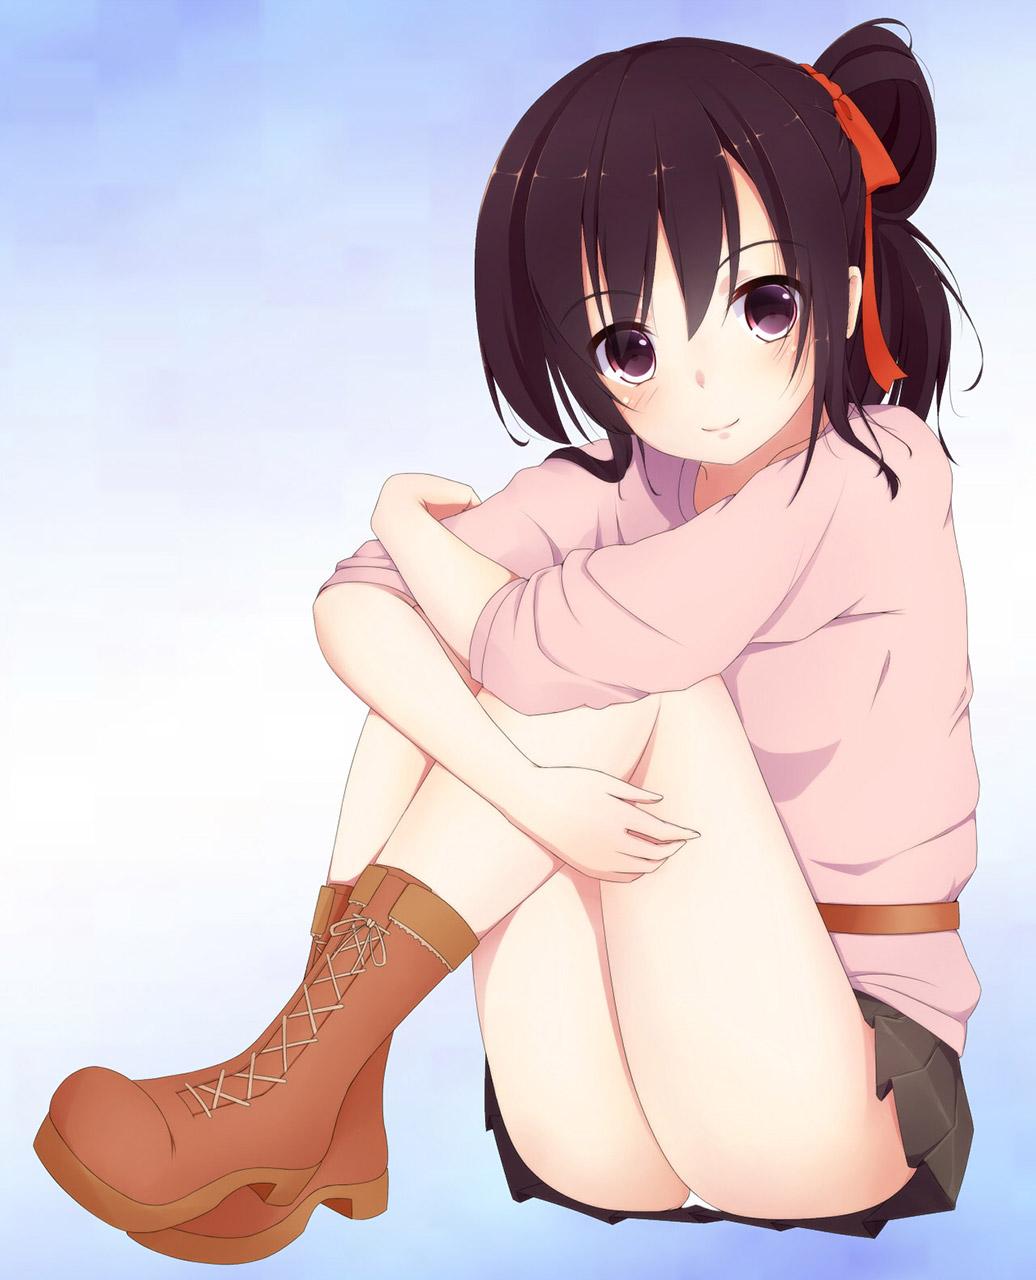 【体育座りエロ画像】普通に体育座りしているだけの女の子に感じる愛しさwww 10